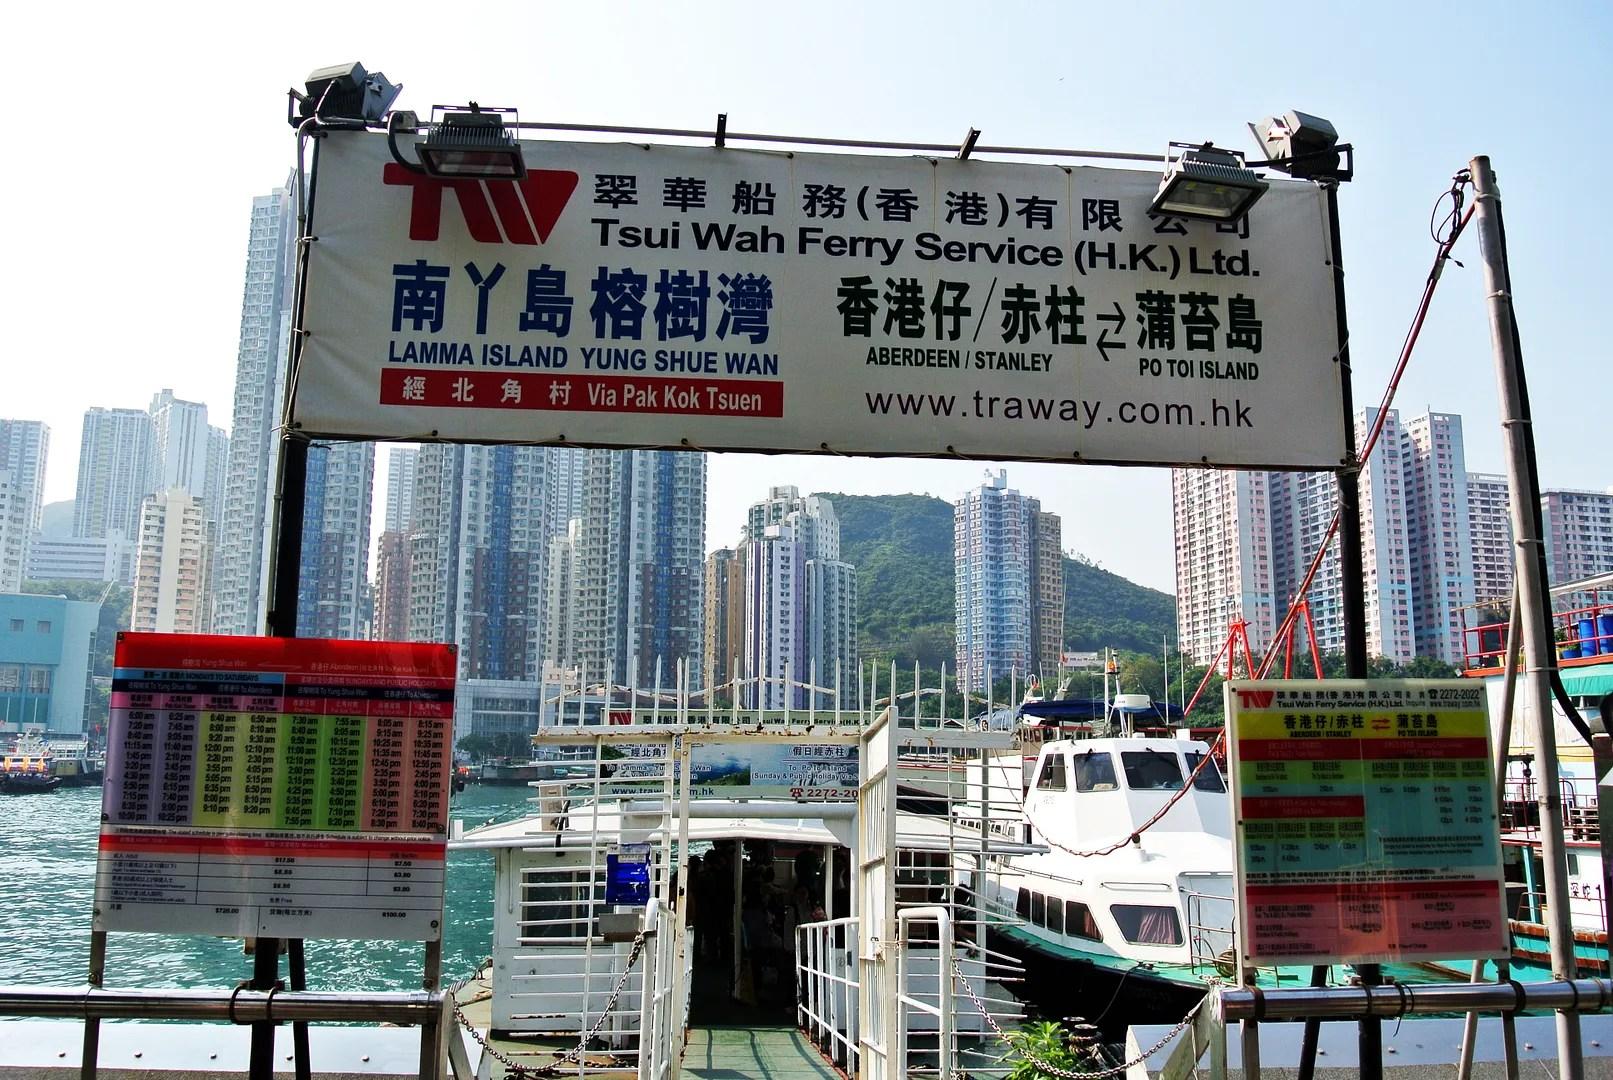 香港最南極。蒲臺島。新體驗   CK仔。樂遊四方。 – U Blog 博客